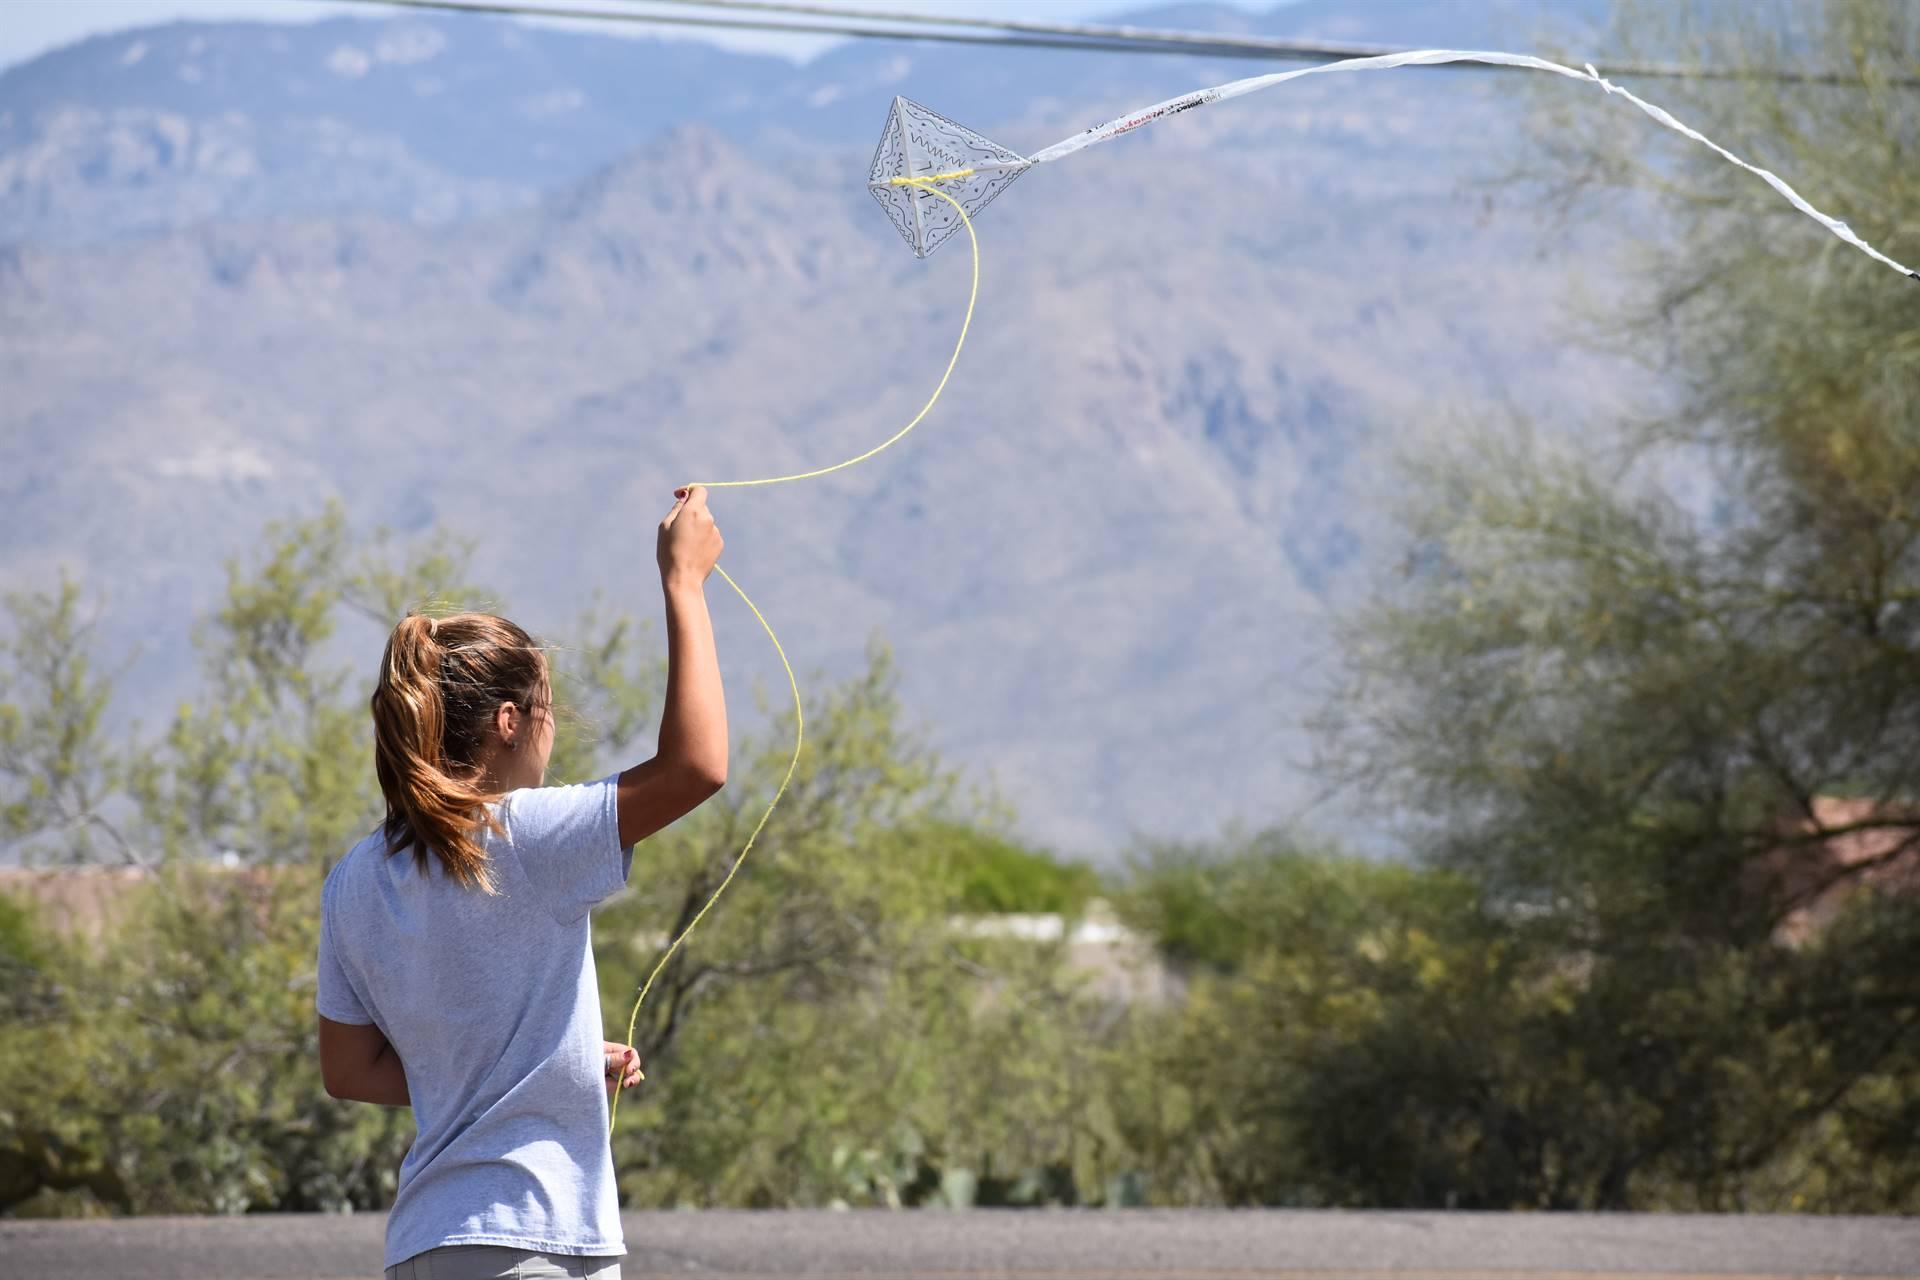 Student flying kite